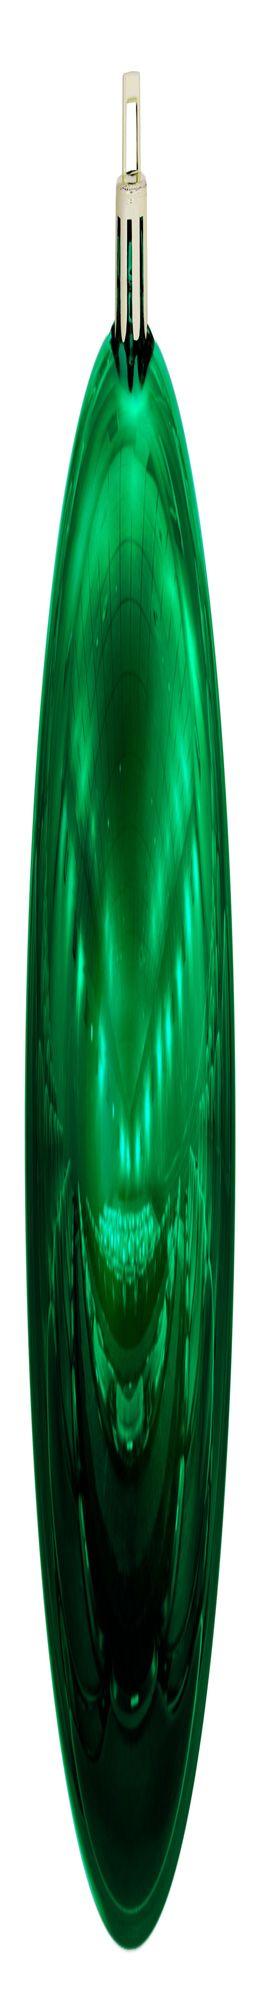 Елочный шар Shiny 10, ver.1, зеленый фото